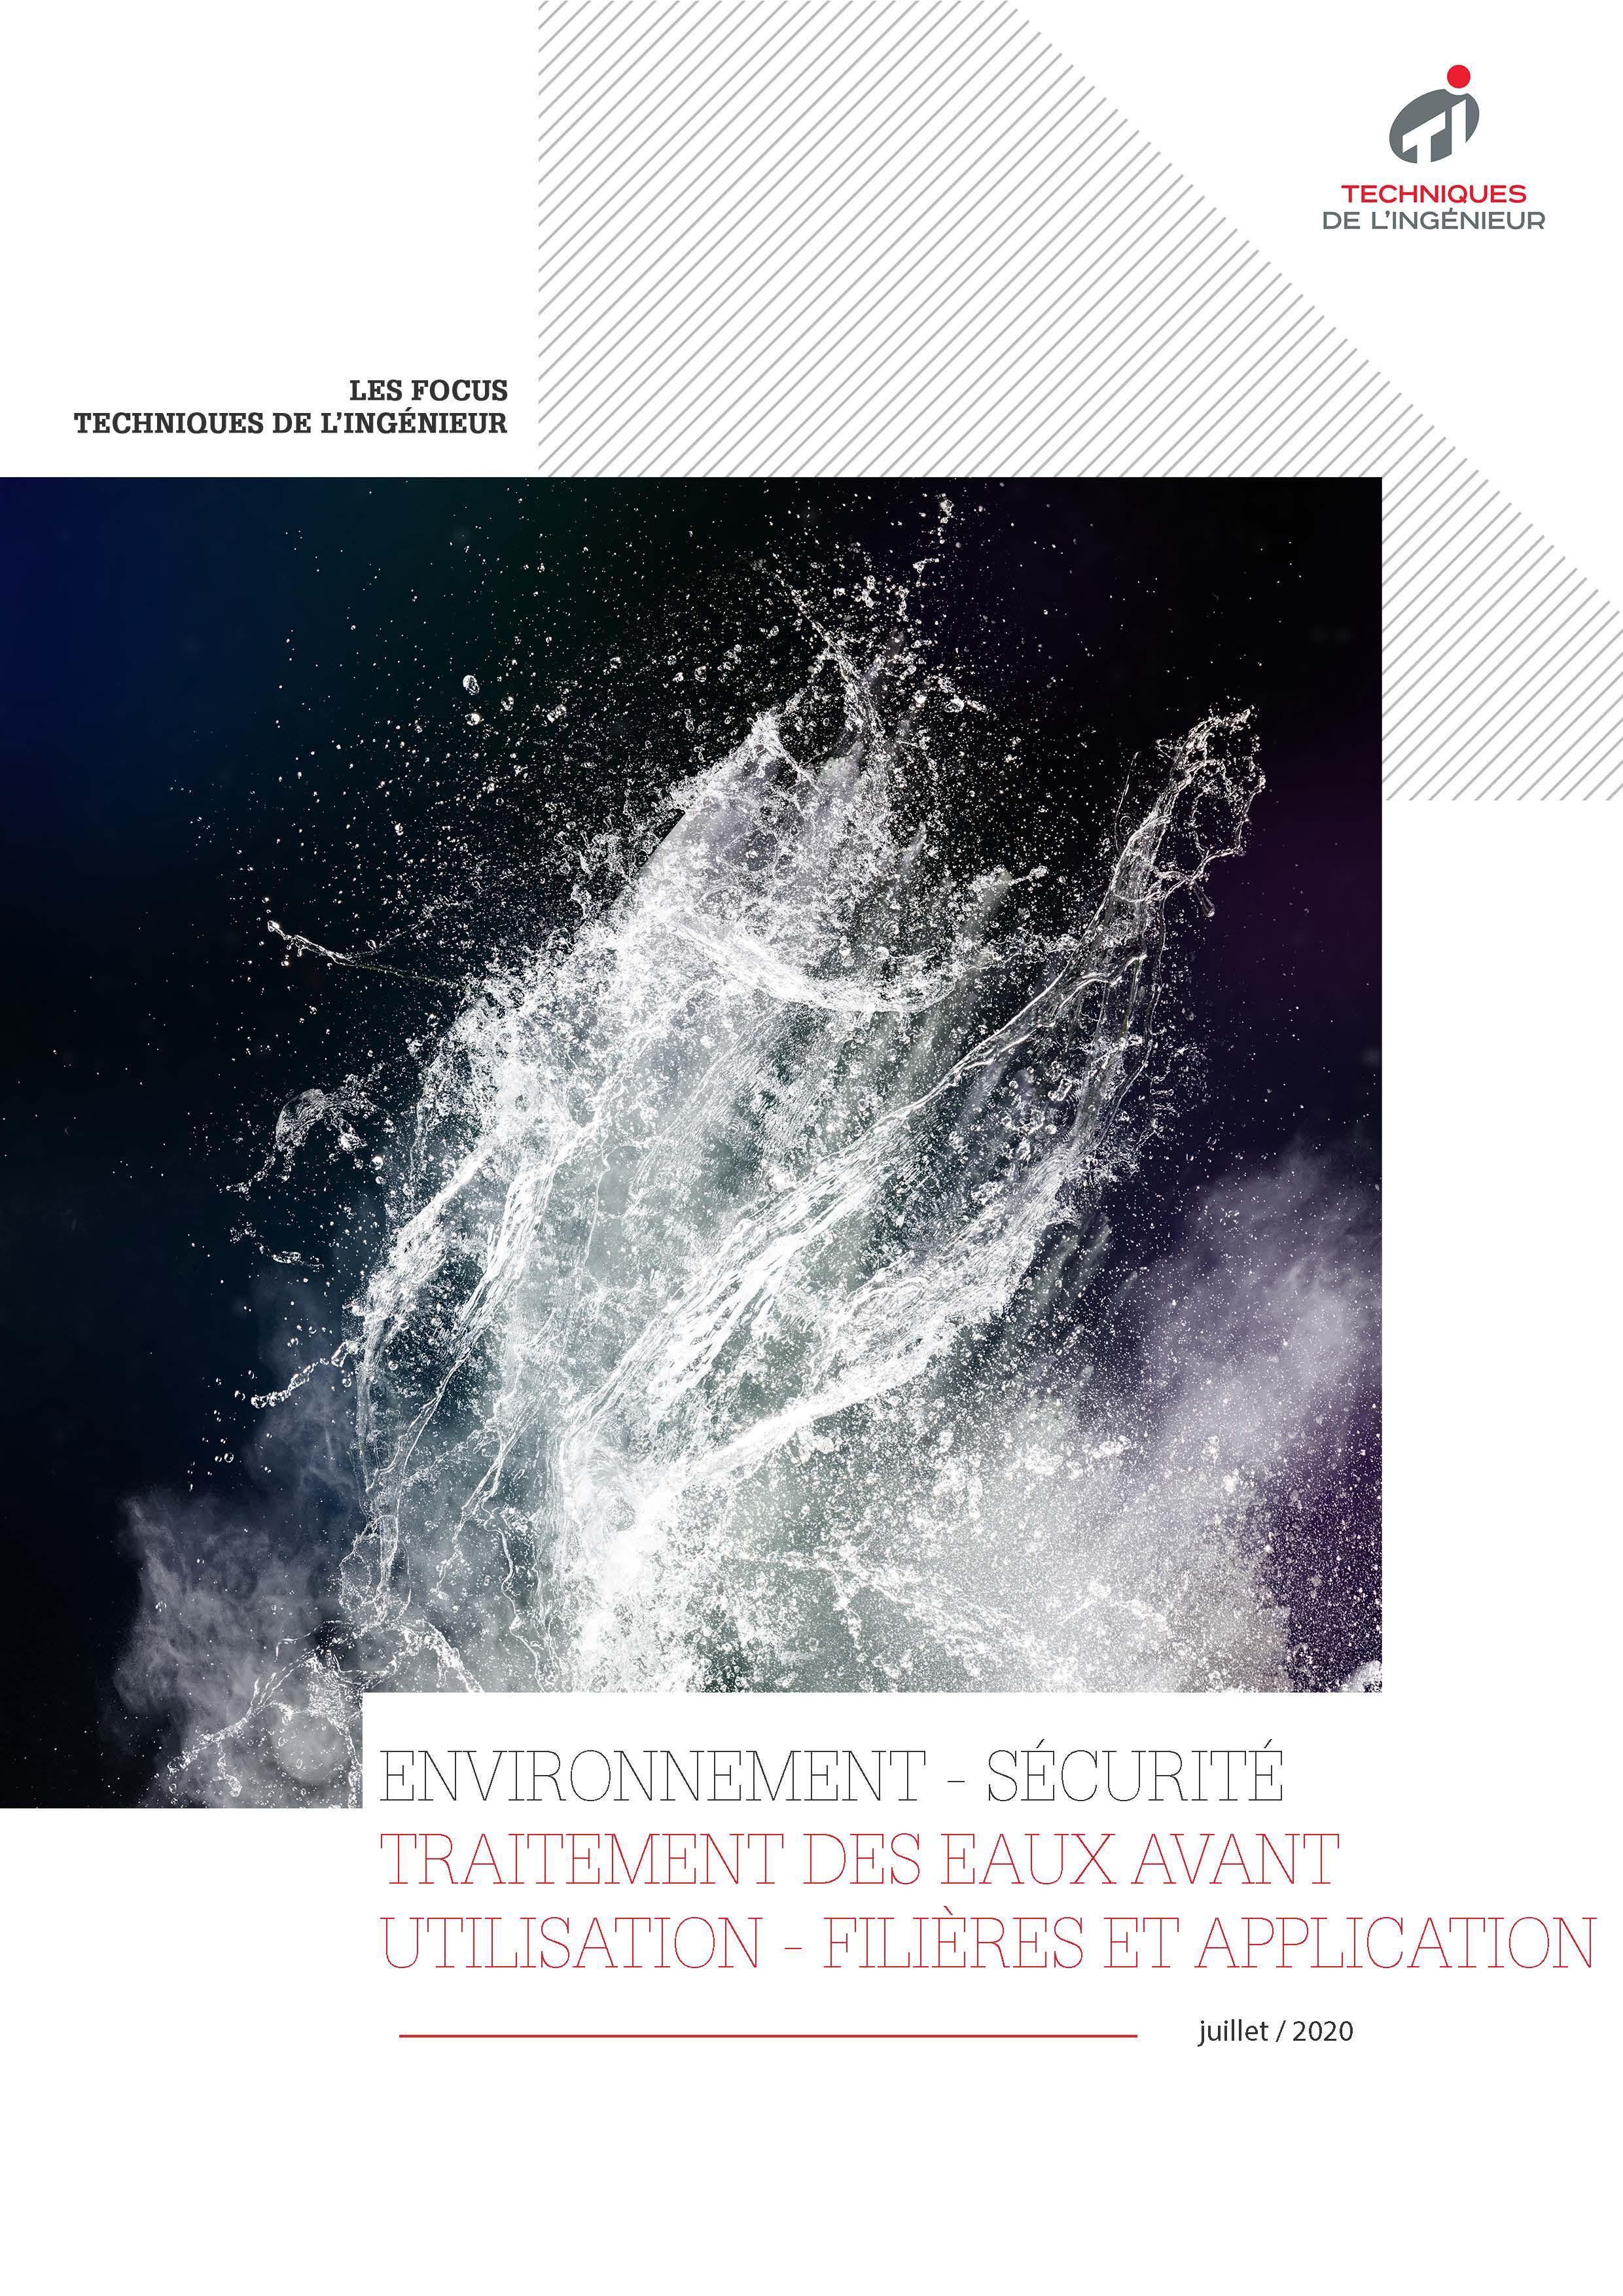 Traitement des eaux avant utilisation - Filières et applications